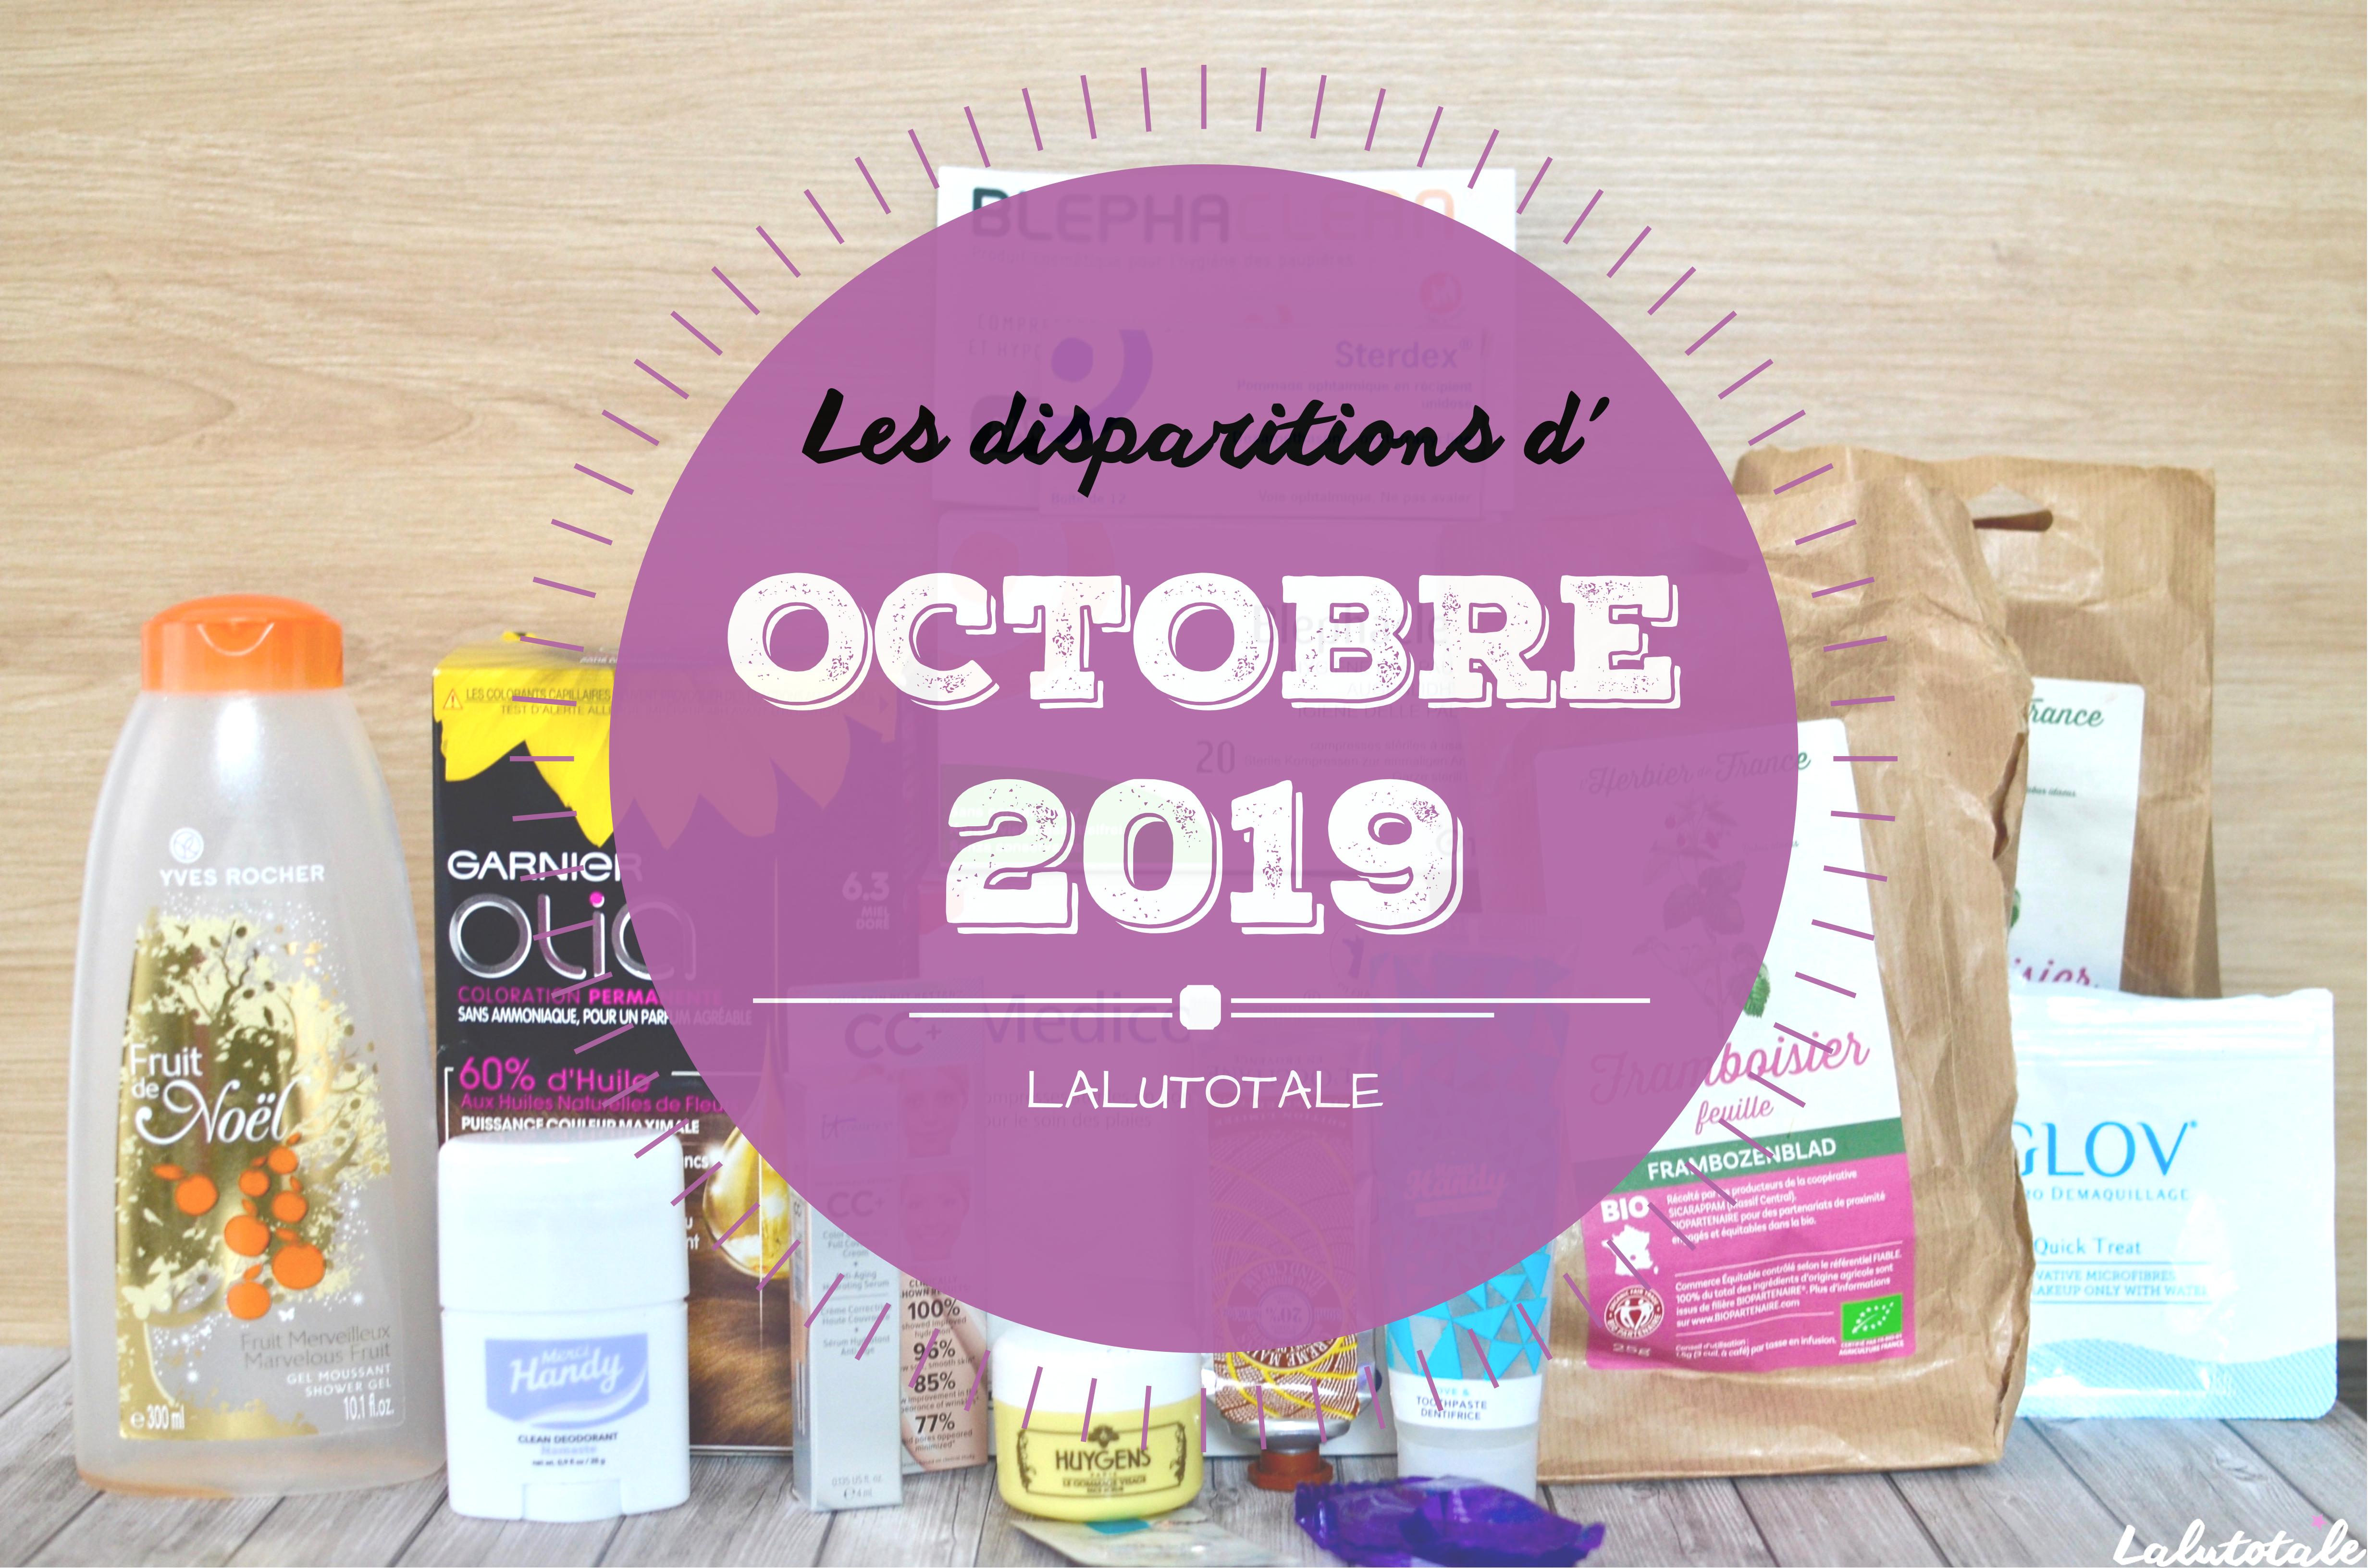 ✞ Les disparitions d' Octobre 2019 ✞